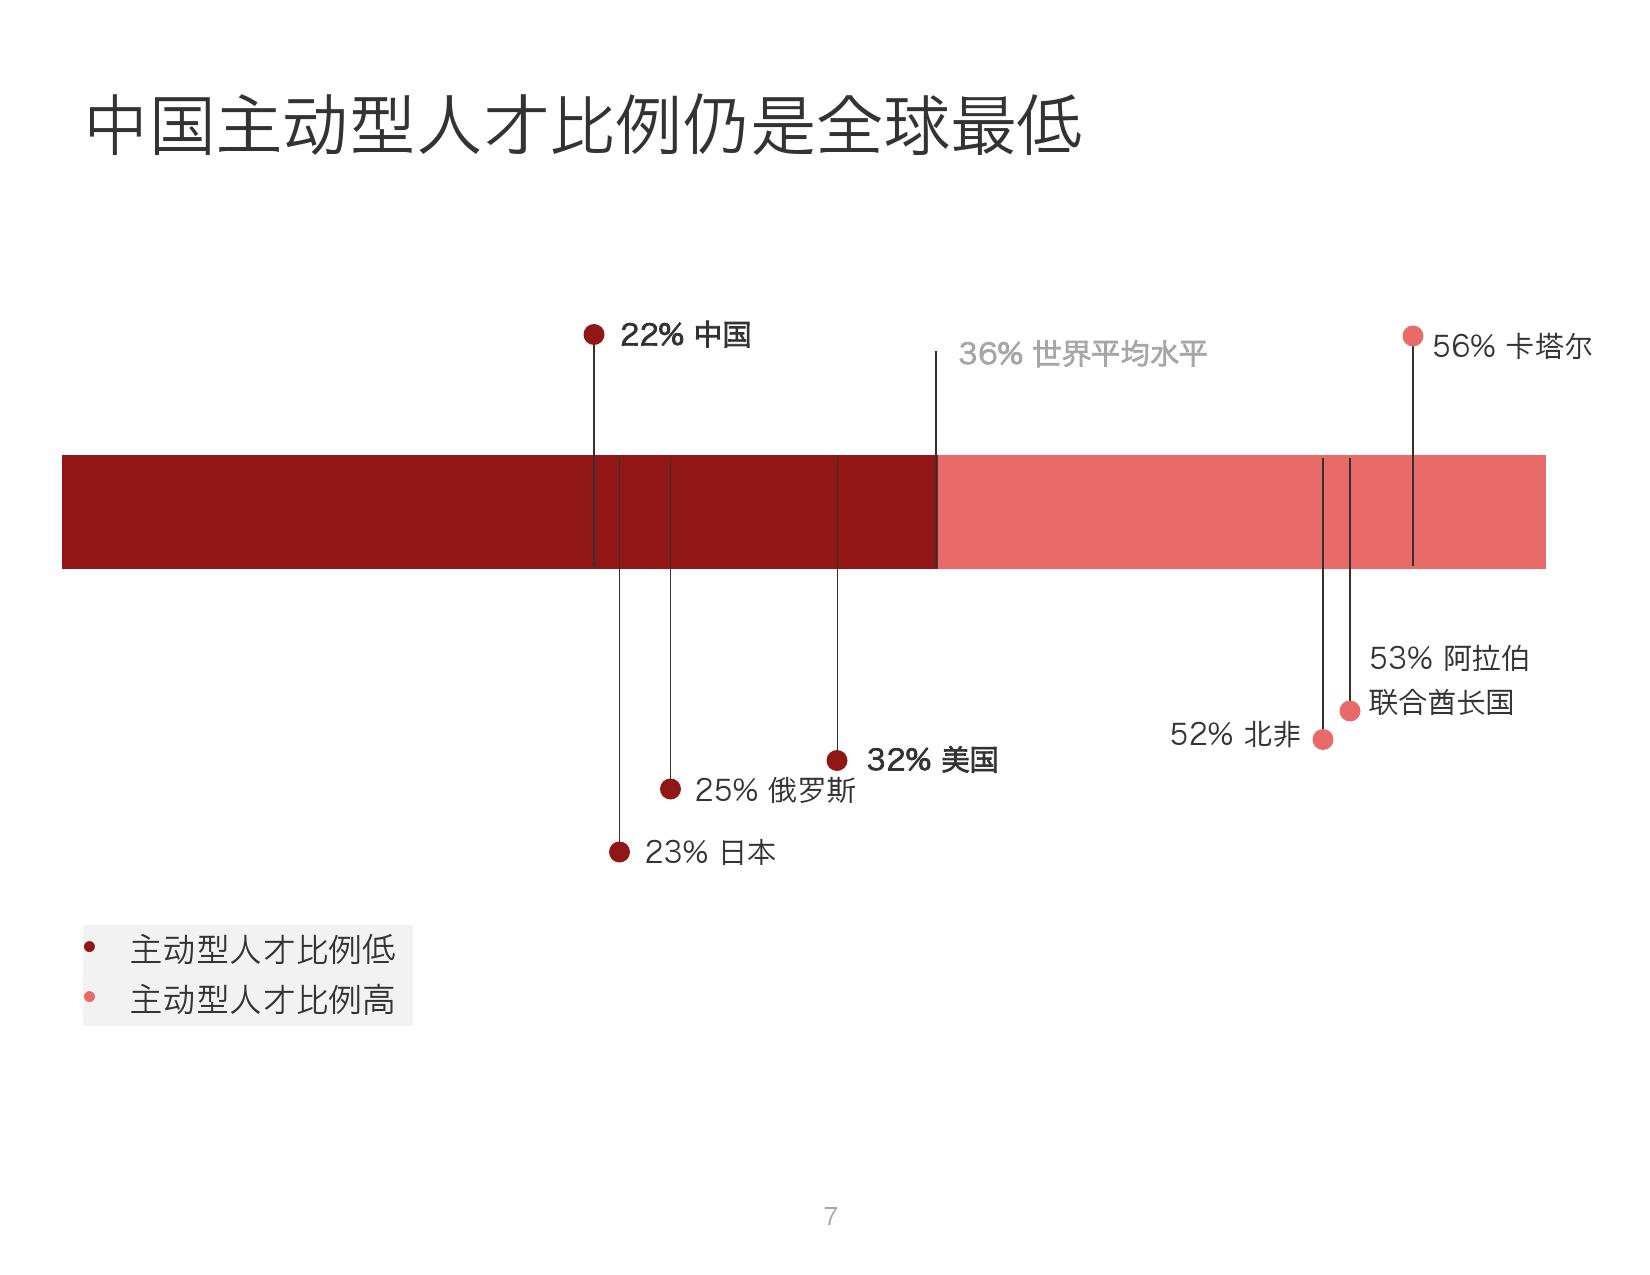 2016年中国人才趋势报告_000007